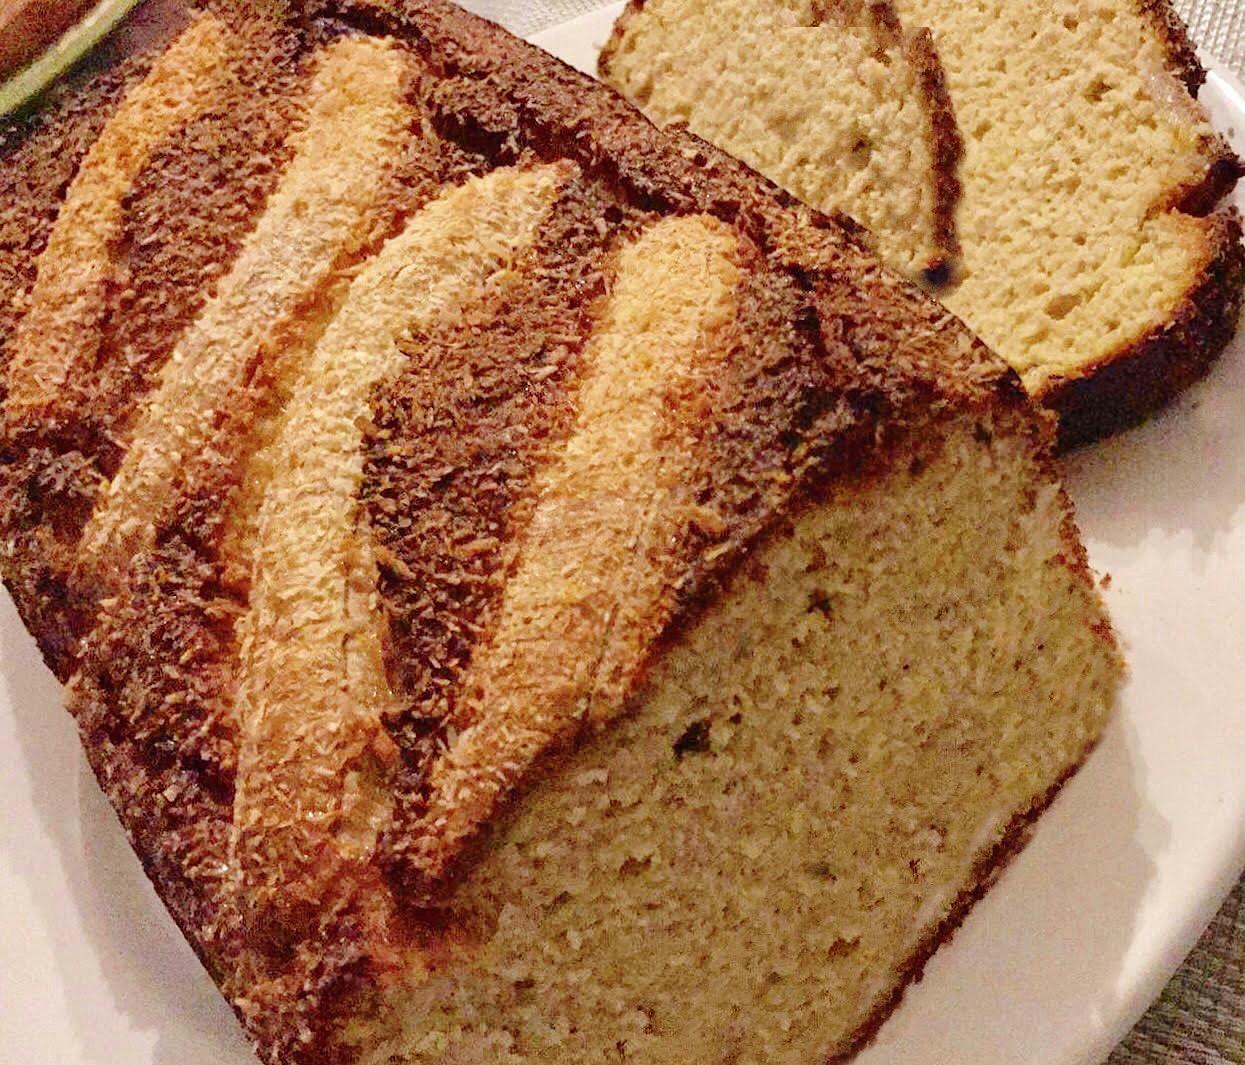 Banana Bread com Coco e Laranja – Paleo, Sem Glúten, Sem Lacticínios, Sem Açúcares Adicionados